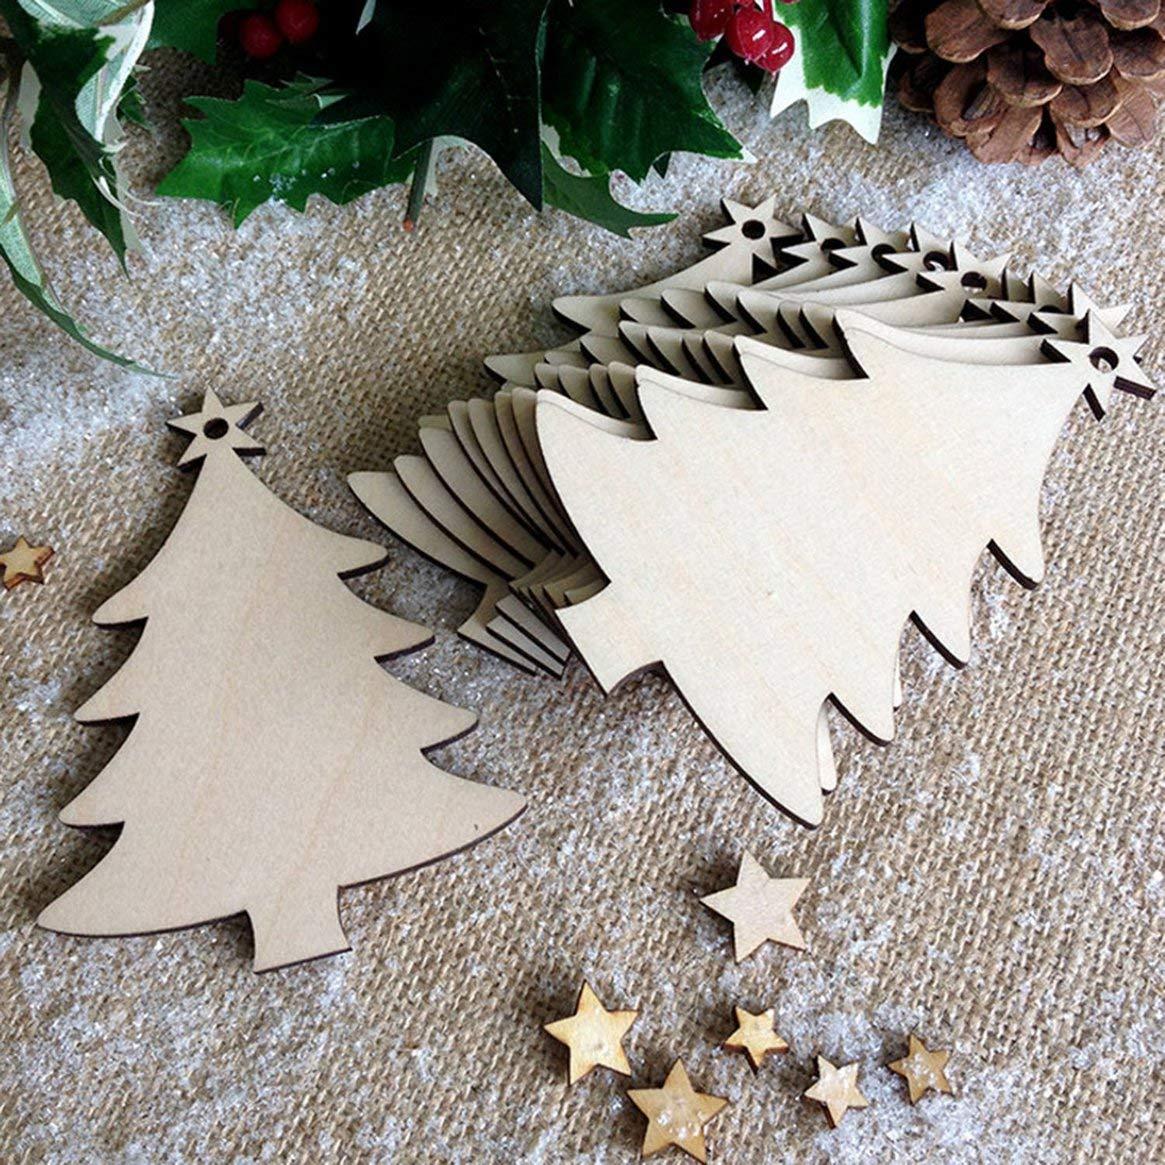 Delicacydex 10pcs / Set Albero di Natale abbellimenti di Legno Albero di Natale Rustico Appeso Ornamento Decor Vuoto Tag Tag Artigianato - Legno